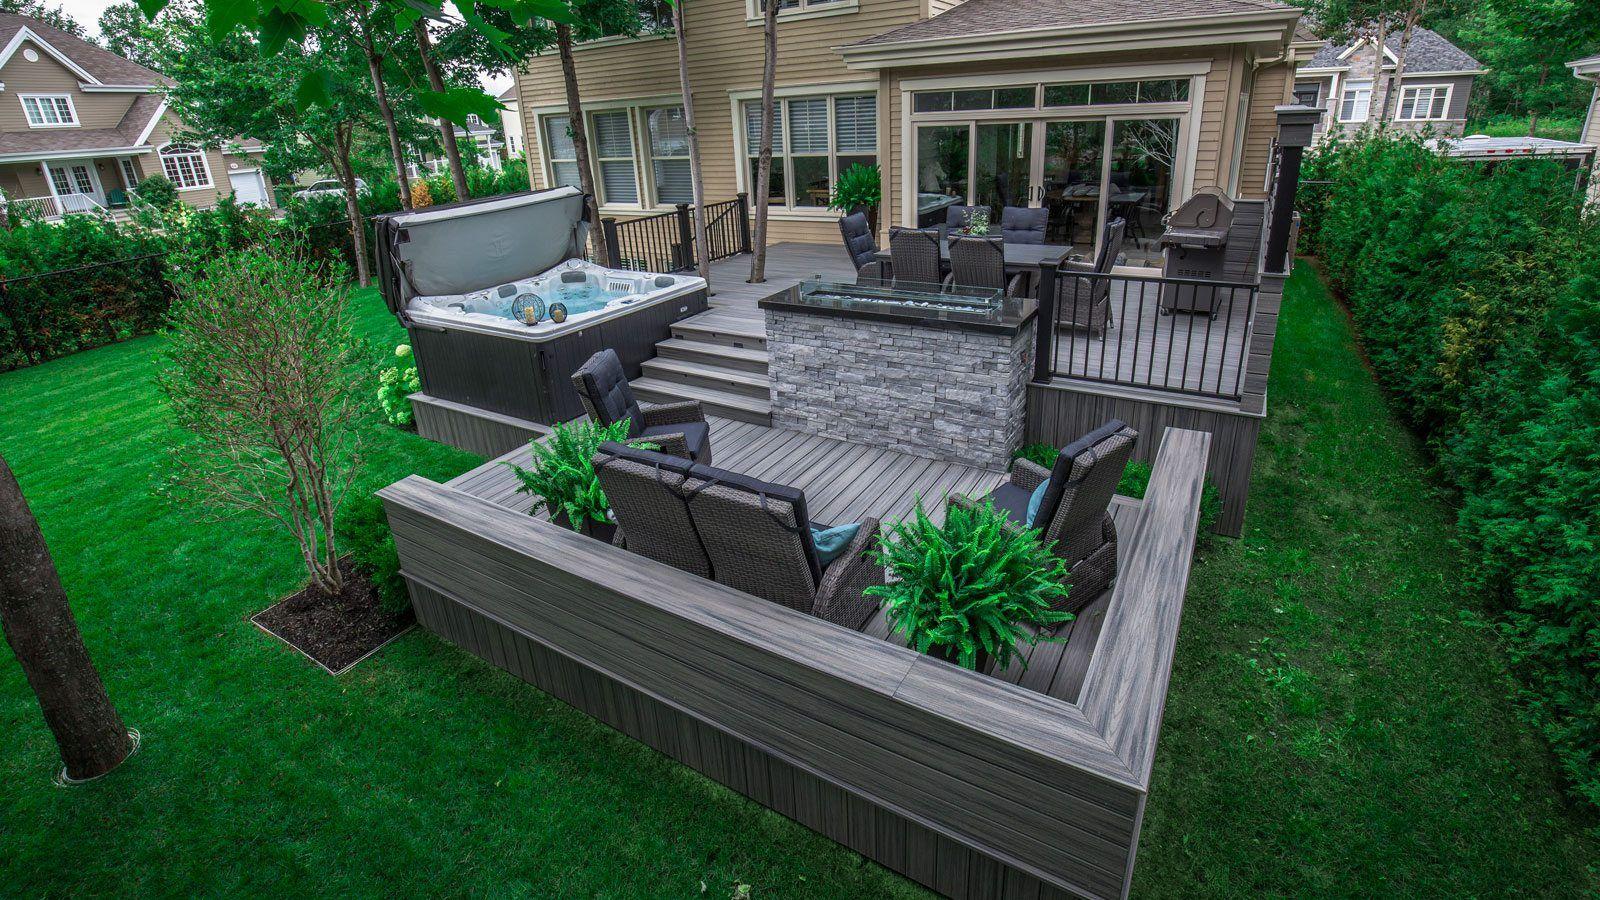 L 39 ajout d 39 une terrasse multiples paliers permet de - Amenagement terrasse et jardin photo ...